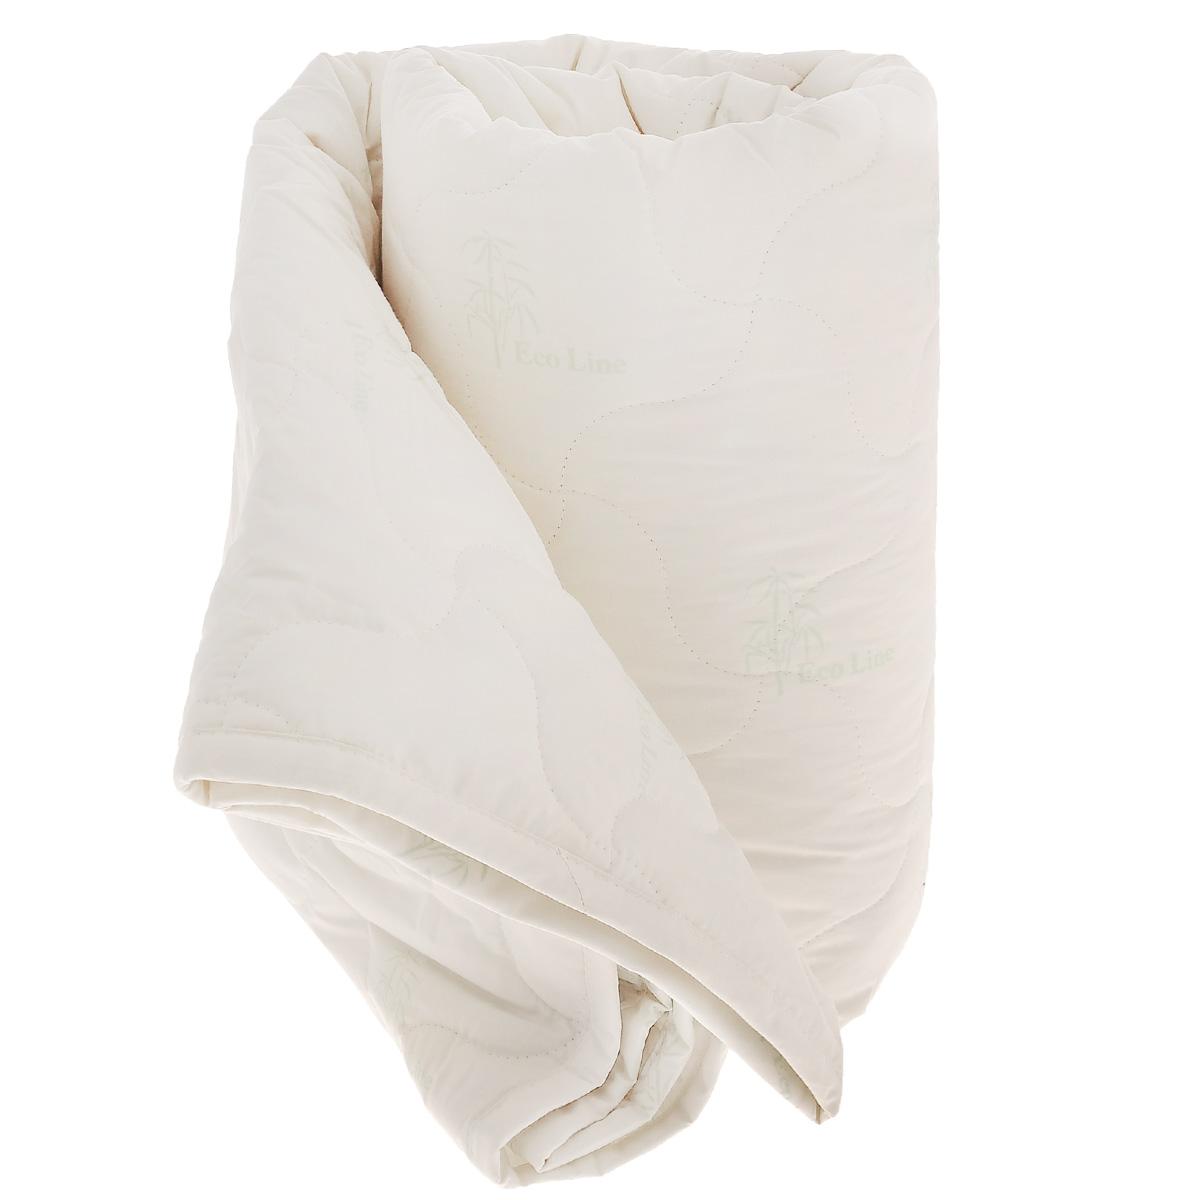 Одеяло легкое La Prima Бамбук, наполнитель: бамбук, полиэфирное волокно, цвет: бежевый, 200 см х 220 см1013/0222814/100Одеяло La Prima Бамбук - лучшим выбором для комфортного и здорового сна и отдыха. Чехол выполнен из 100% хлопка - тика ECO Line. Наполнитель - бамбуковое волокно. Бамбуковое волокно - натуральный растительный наполнитель, обеспечивающий комфорт и здоровый сон. Уникальная пористая структура волокна позволяет свободно дышать - создает эффект свежести во время сна. Одеяло обладает естественными антибактериальными свойствами, успокаивает и восстанавливает во время сна, гипоаллергенно. Материал чехла: 100% хлопок. Наполнитель: 40% бамбук, 60% полиэфирное волокно.